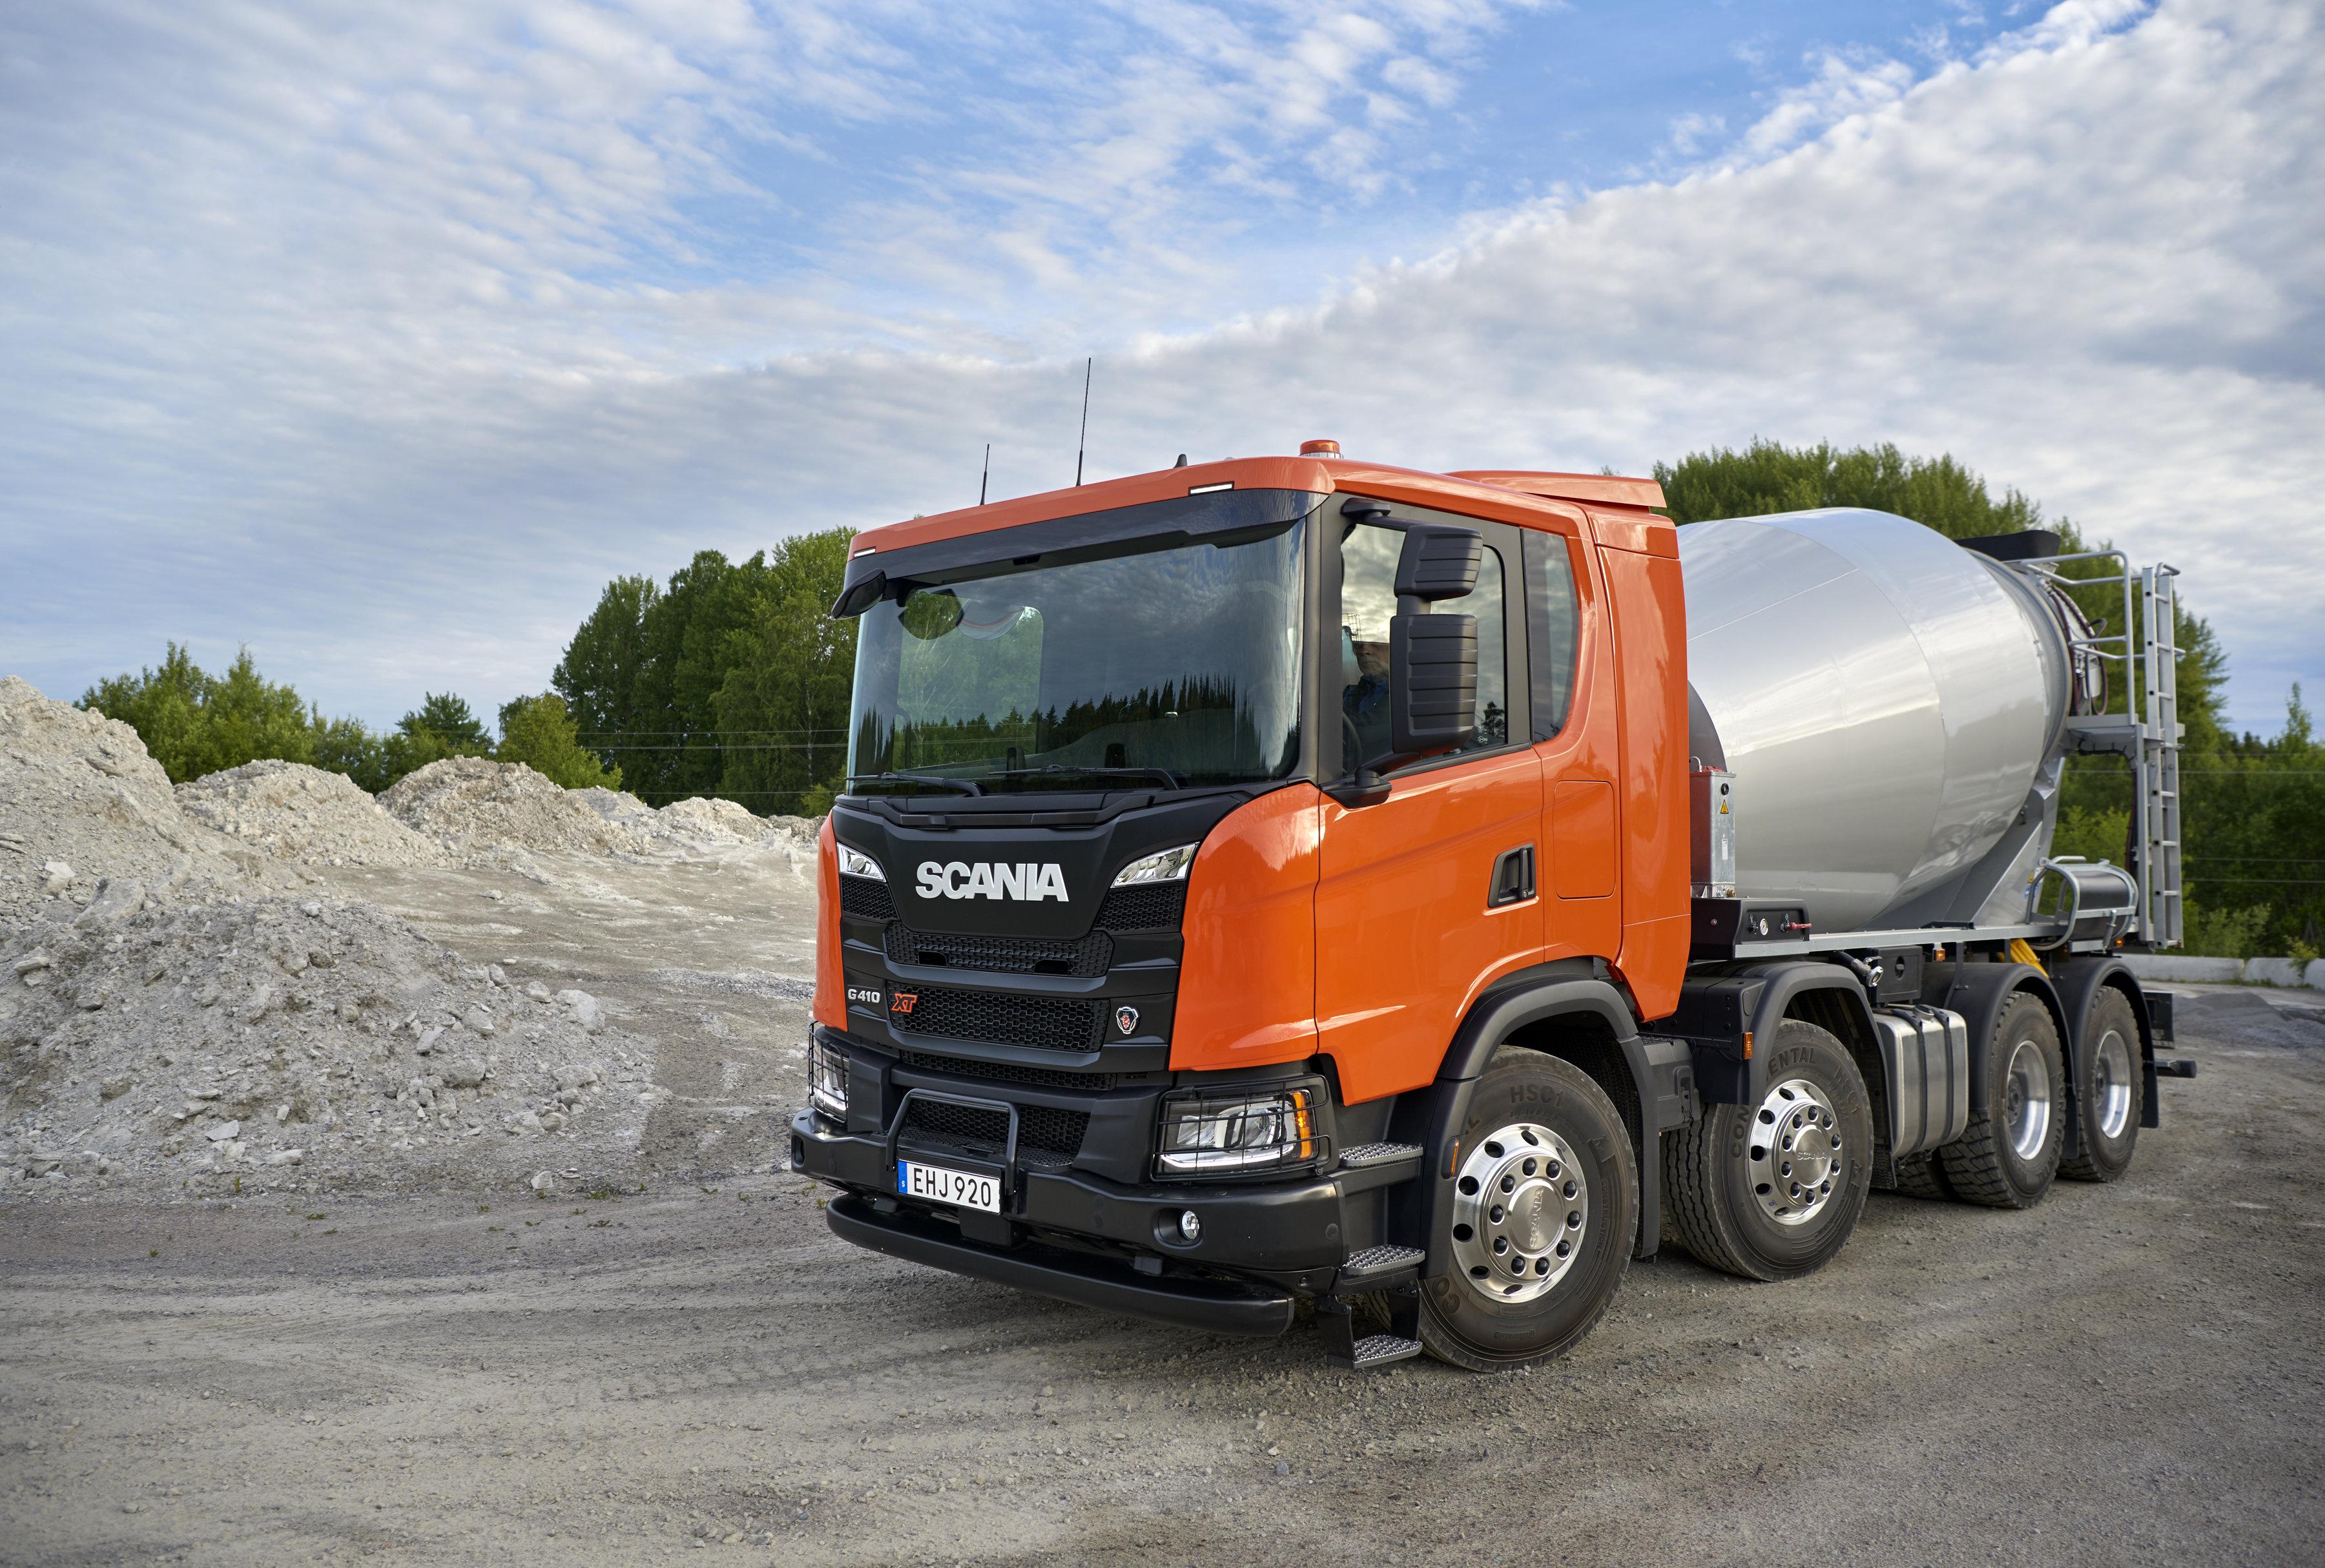 <p>Scania biedt een groot aantal chassis 'op maat' voor speciale toepassingen zoals betonmixers.</p>